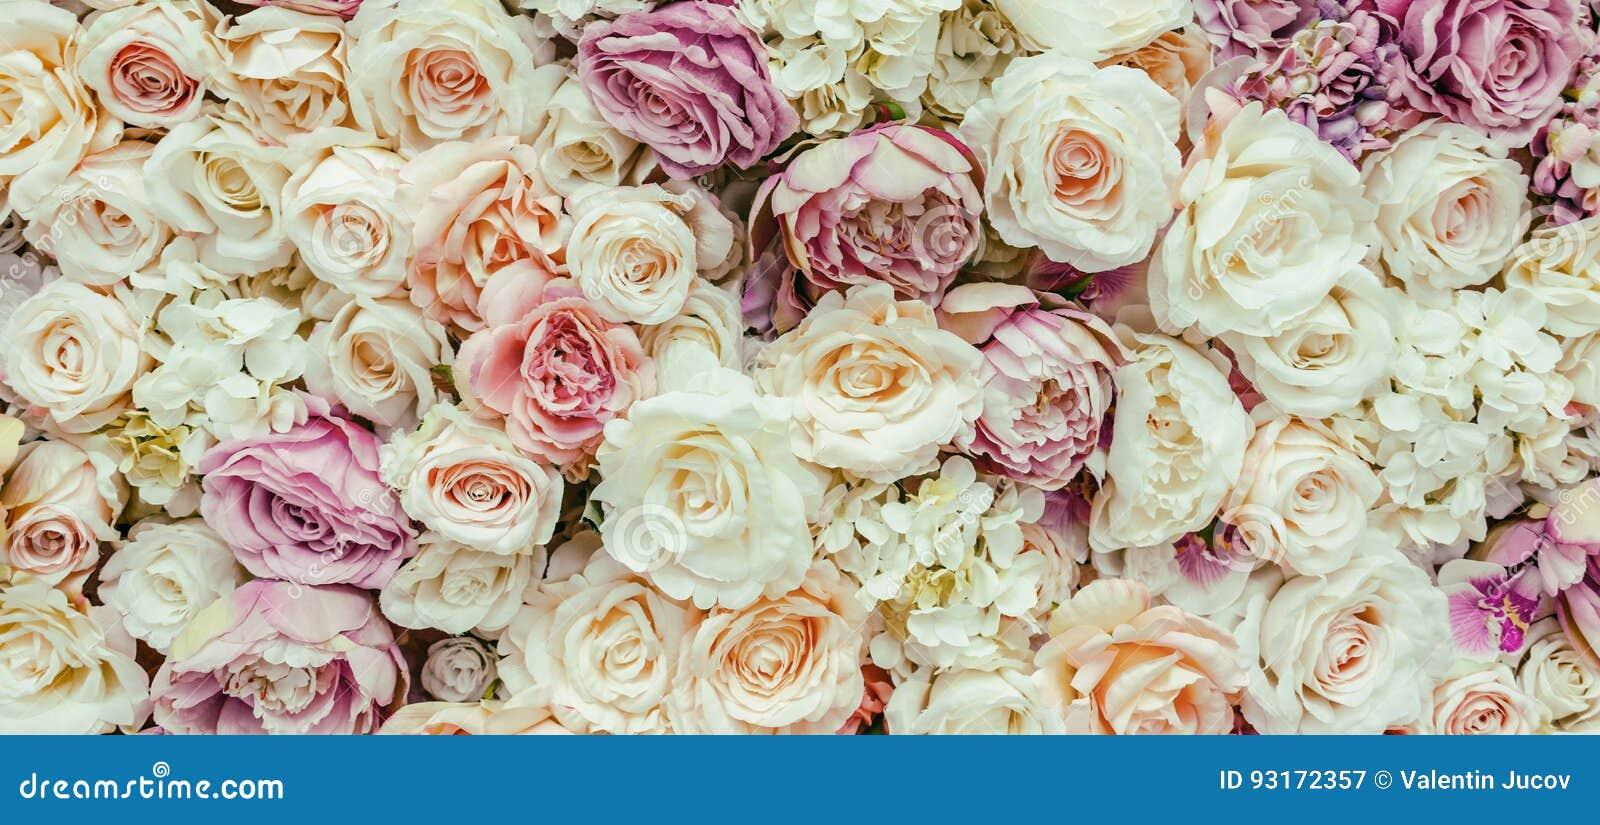 花与使红色和白玫瑰,婚姻的装饰惊奇的墙壁背景,手工制造